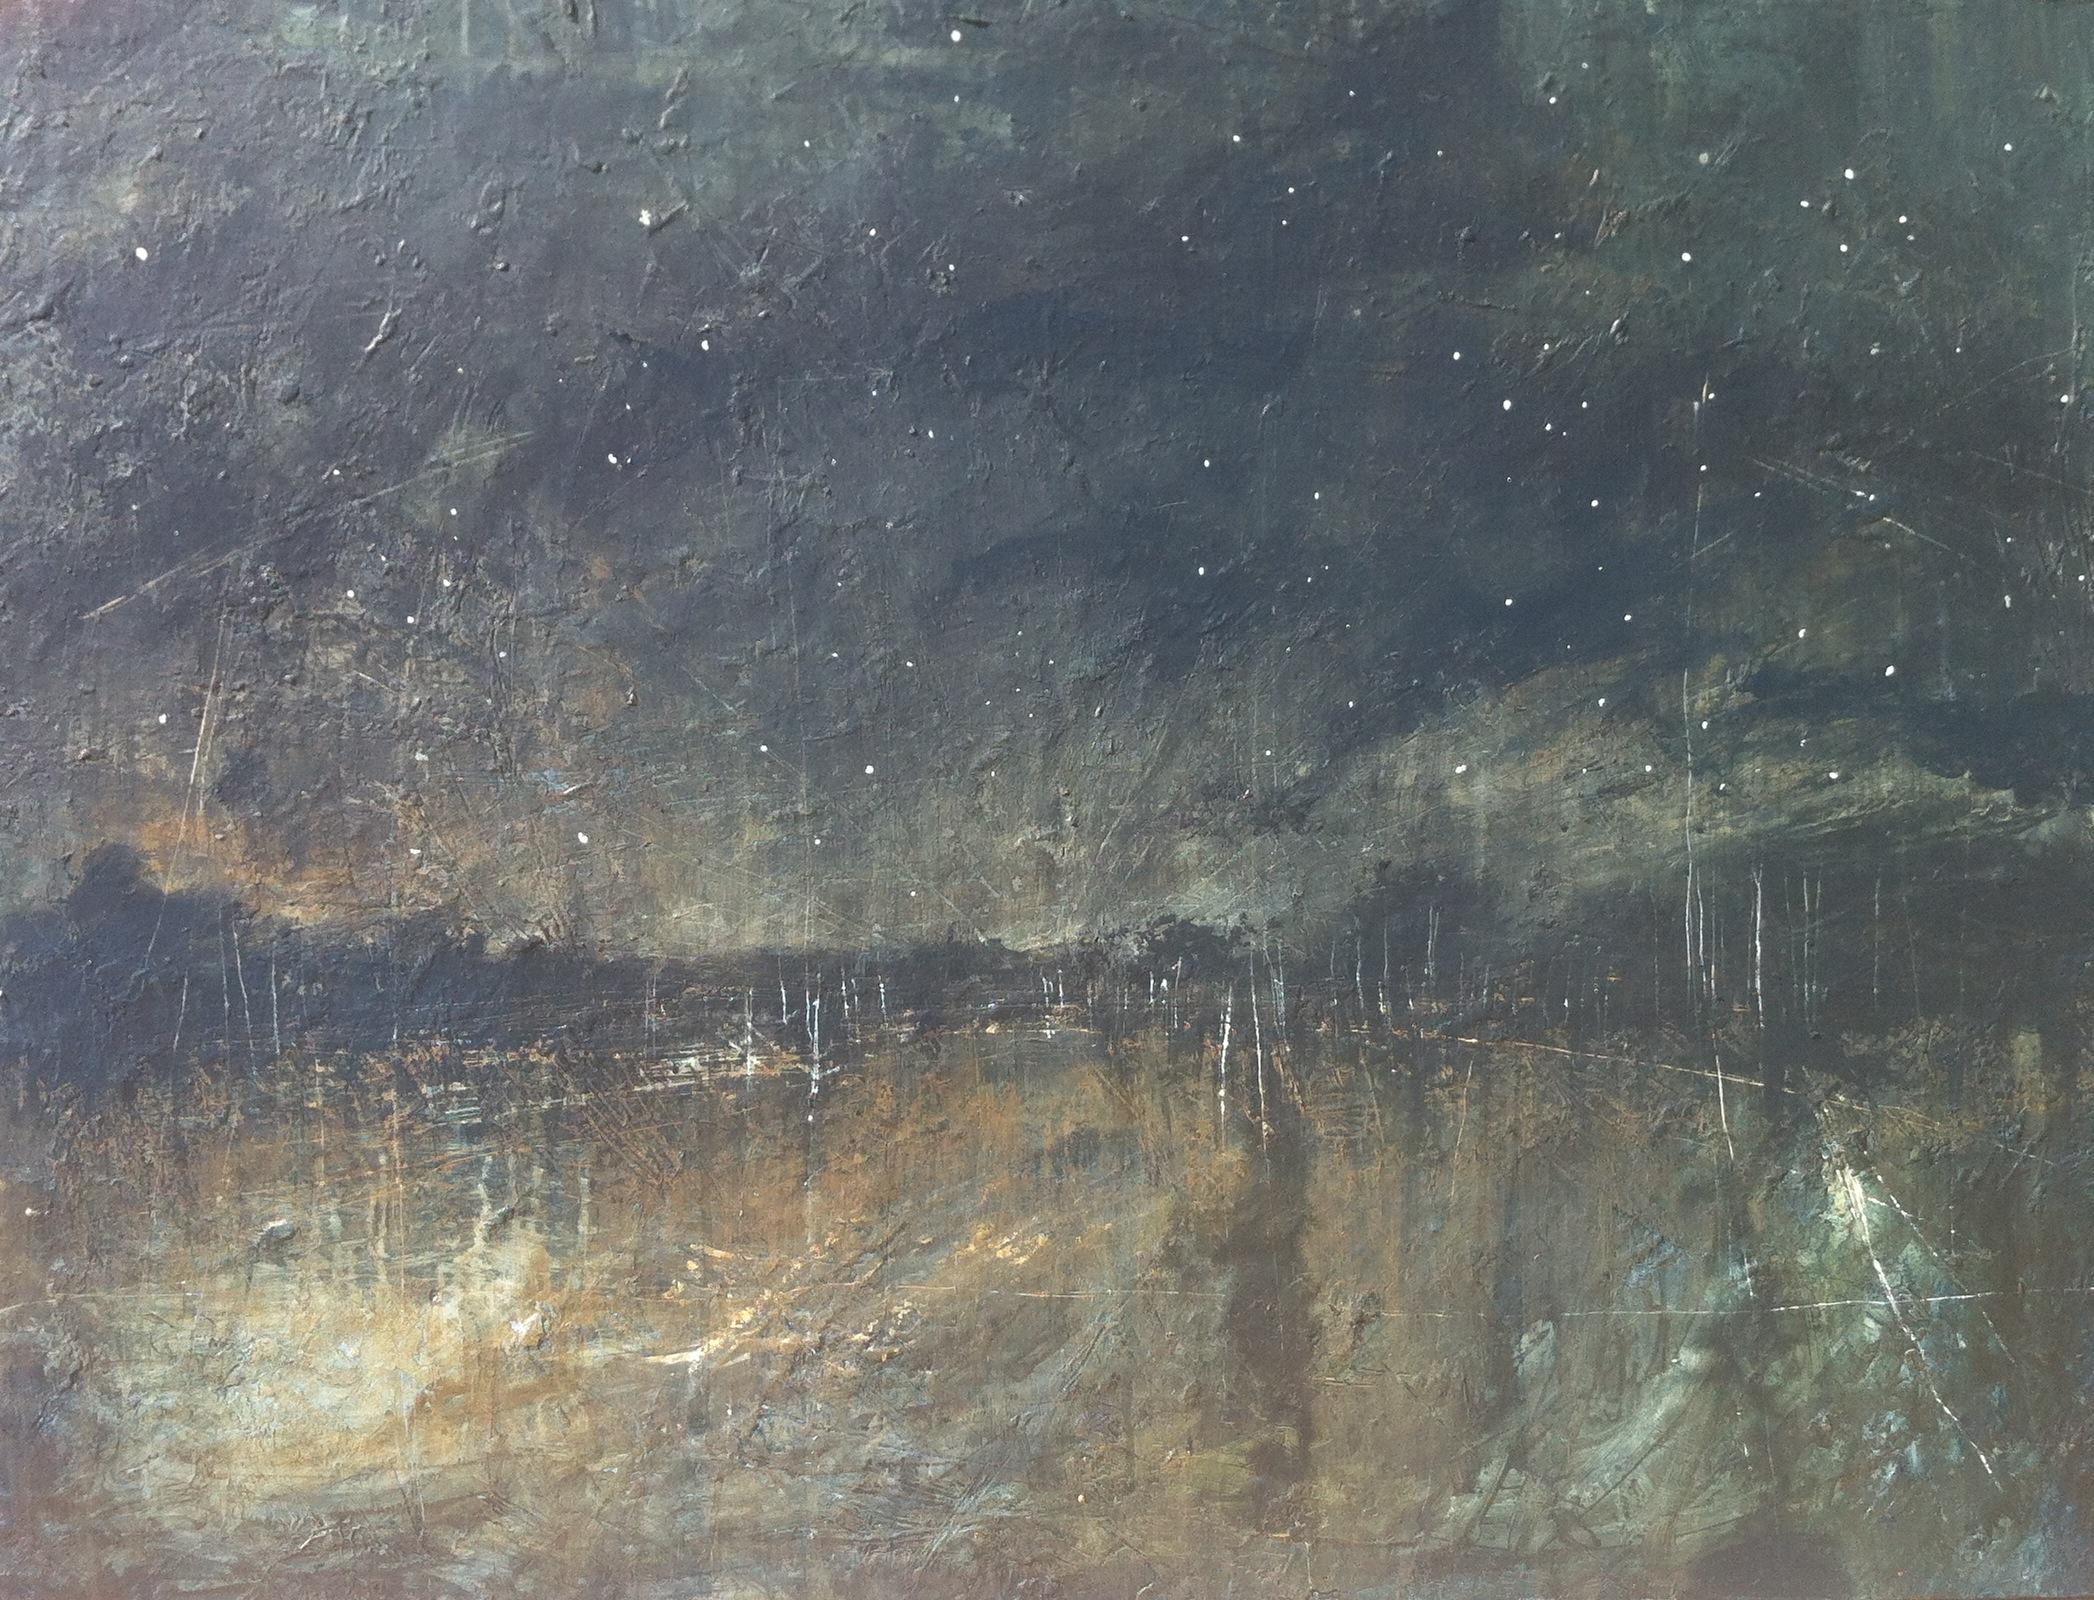 """Night,  o il on canvas, 48 x 60"""""""